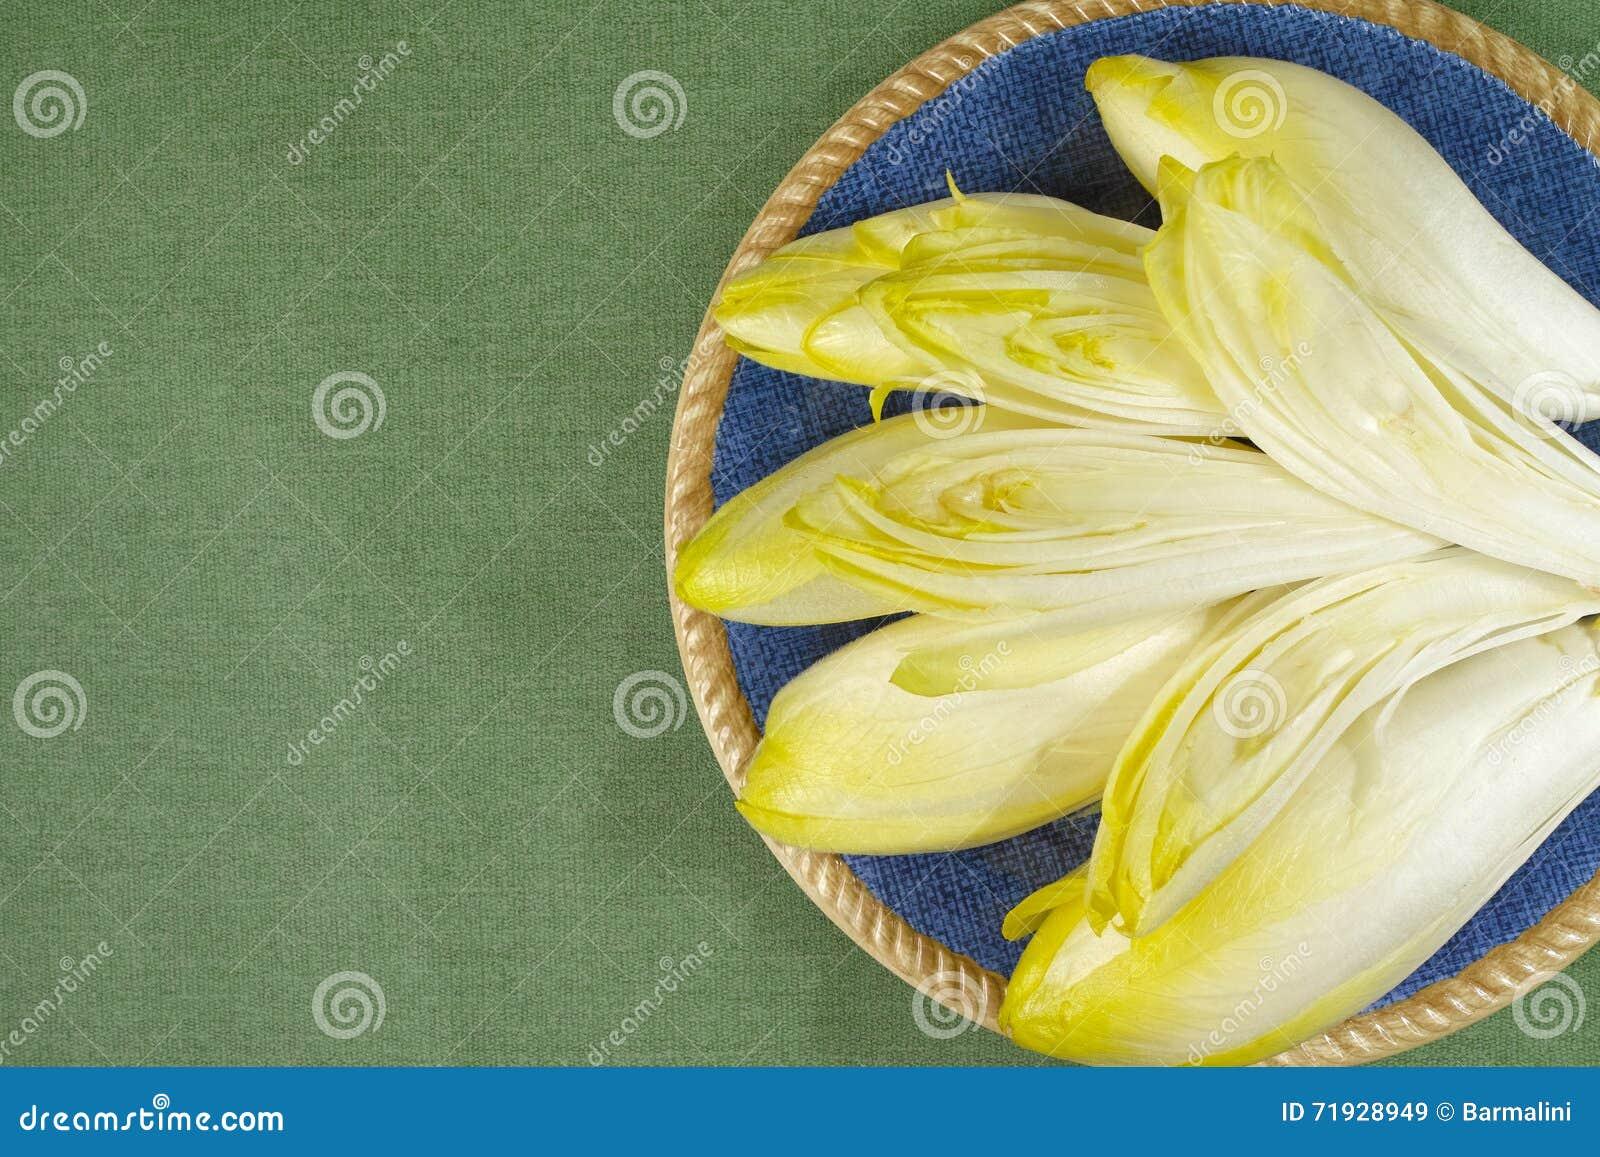 Свежие листья салата цикория помещенные на голубой плите